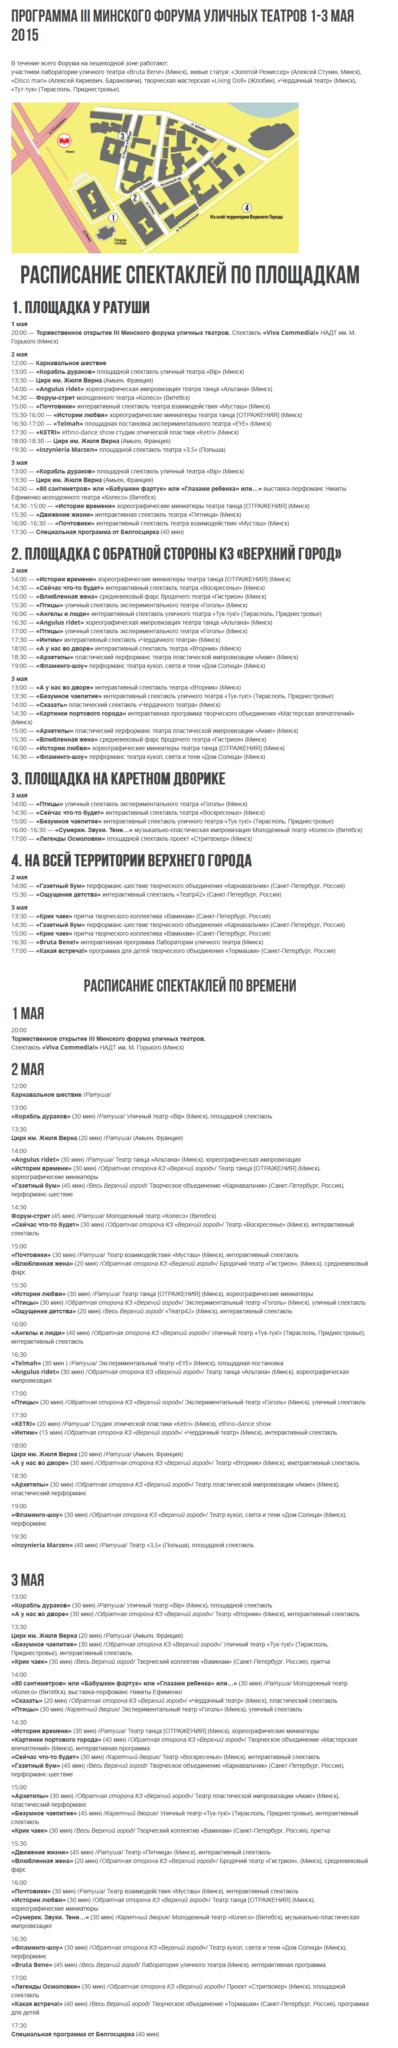 Программа III Минского форума уличных театров